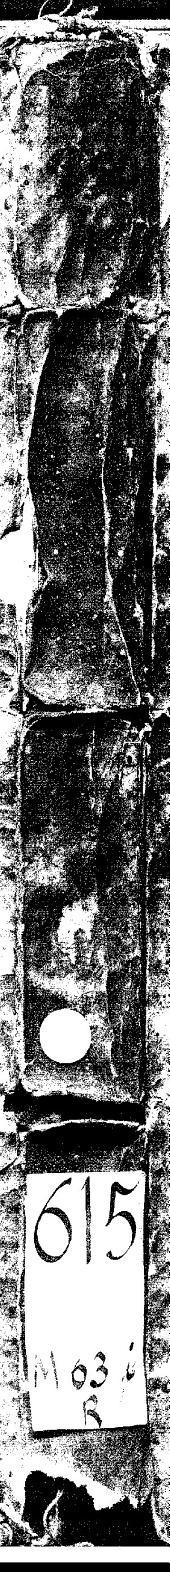 Ioannis Mesuae... Liber primus seu Methodus medicamenta purga[n]tia simplicia deligendi & castiga[n]di, theorematis quatuor absolutus